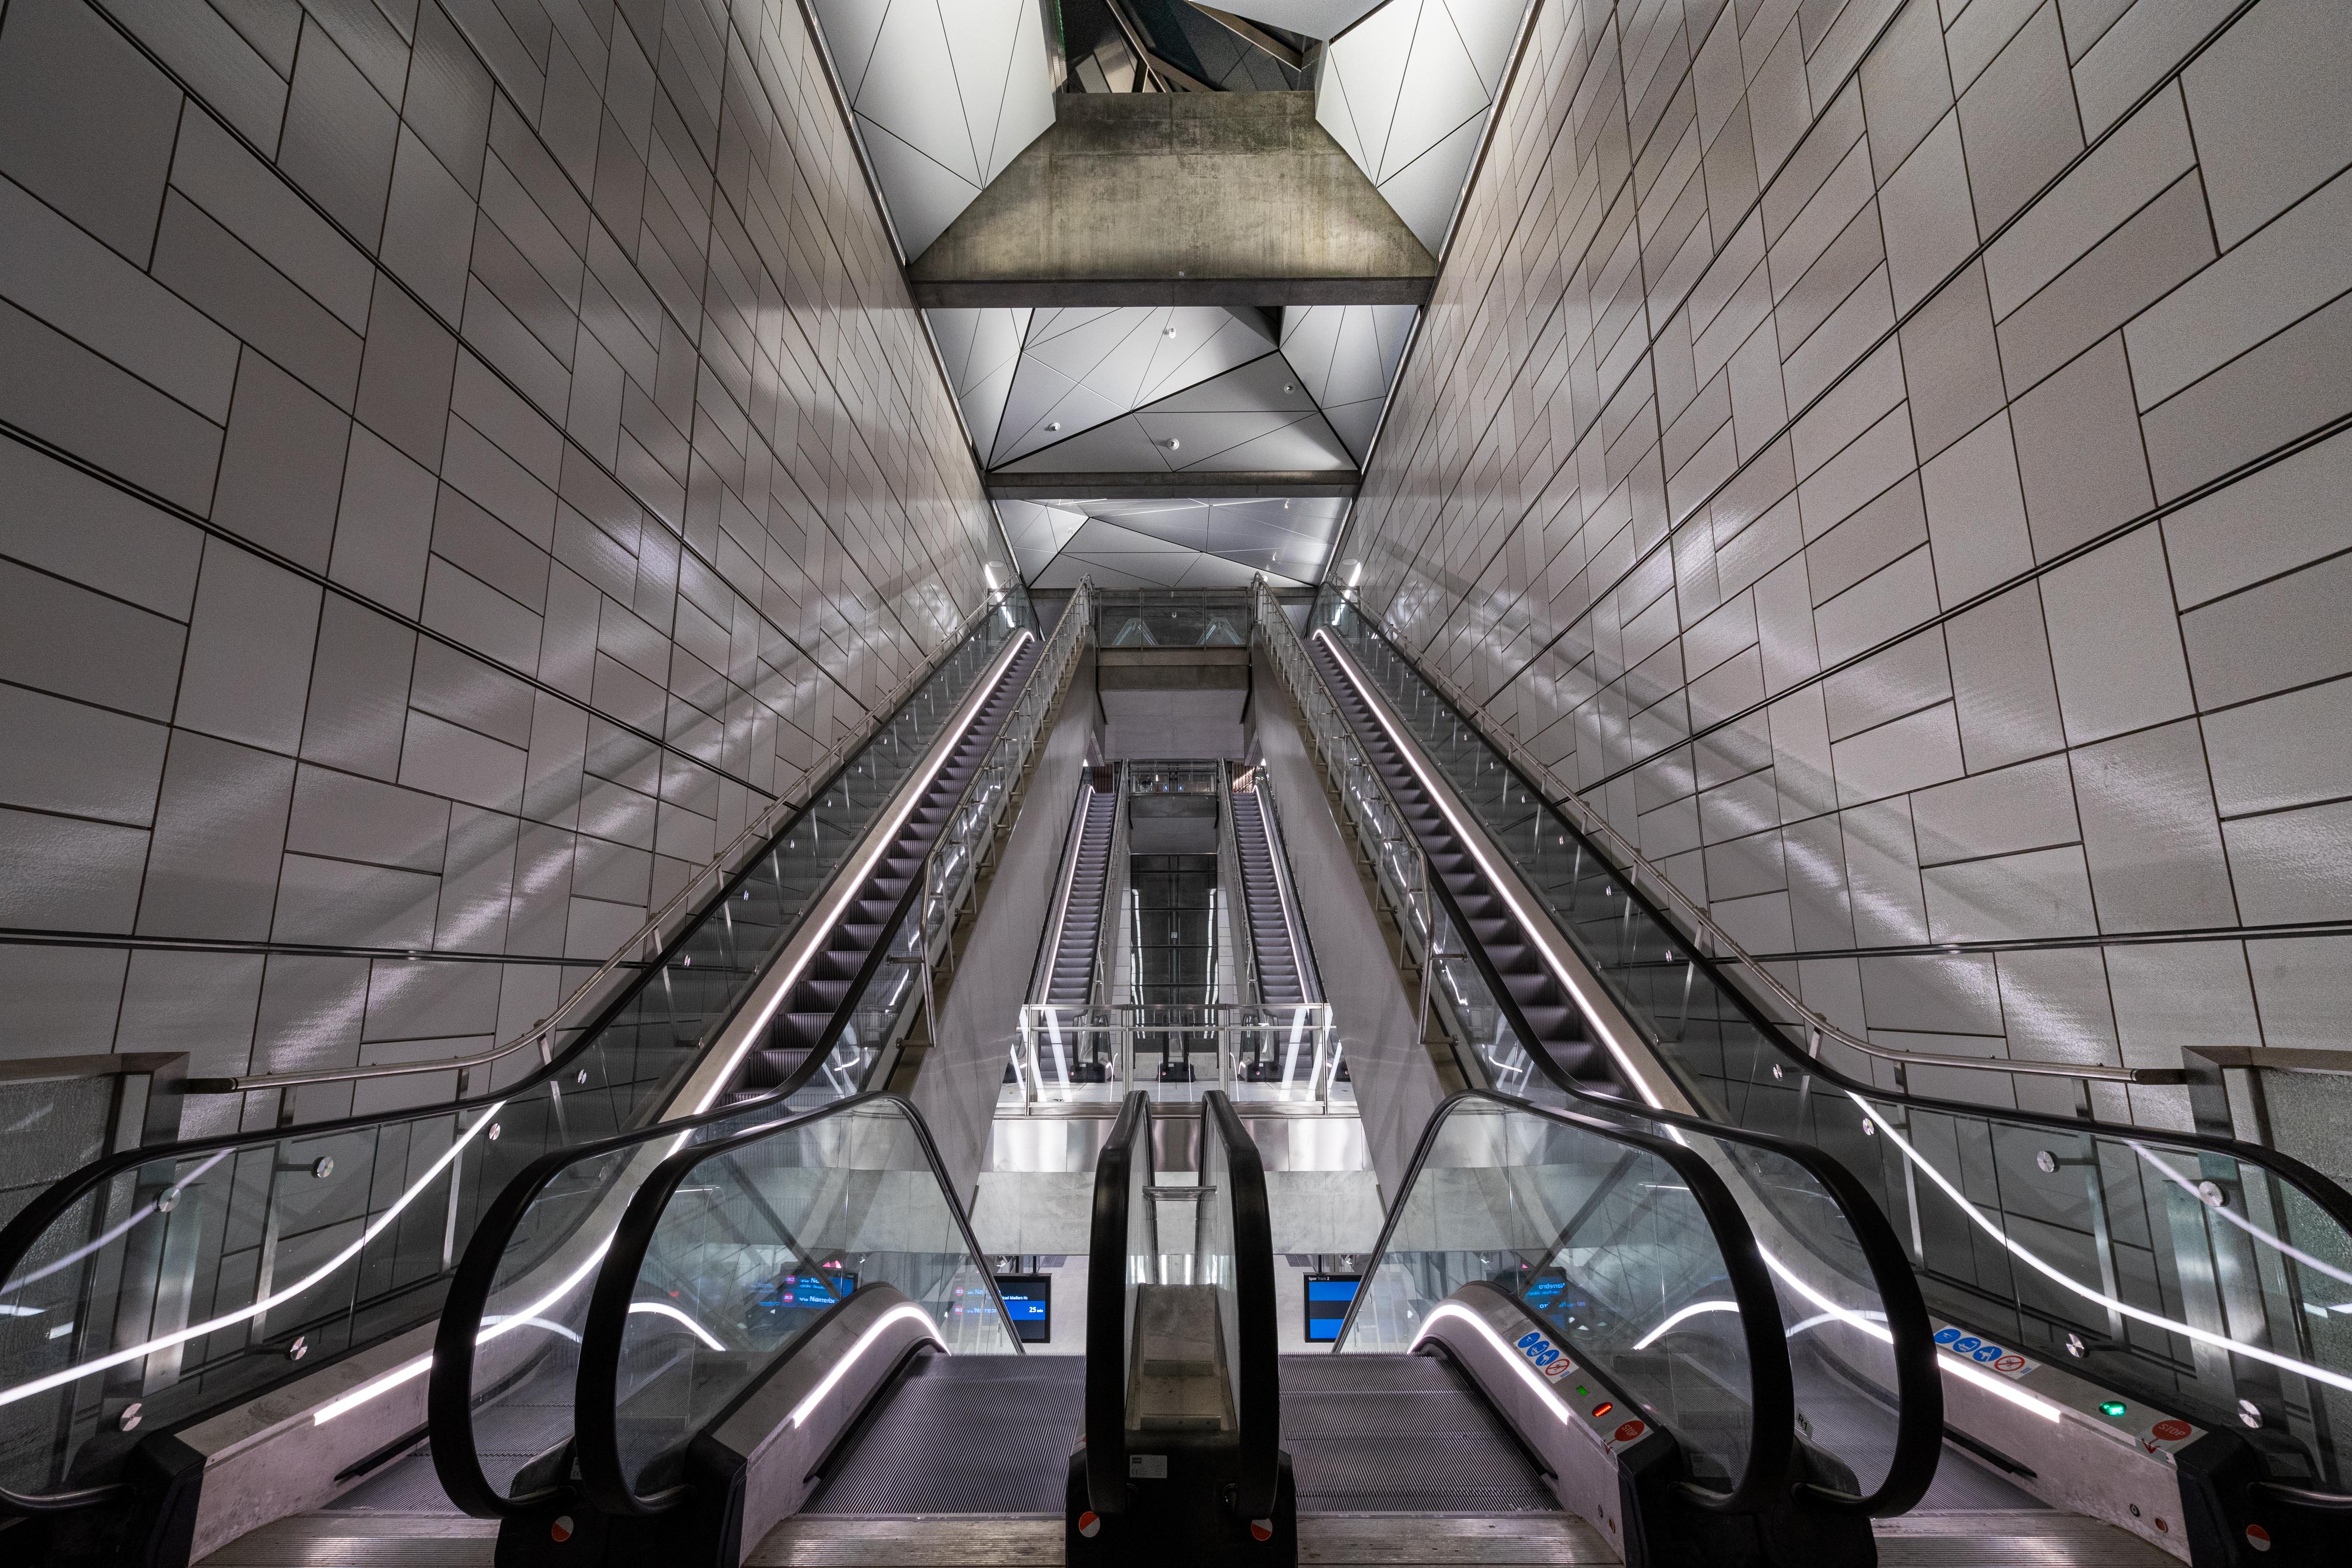 Copenhagen Cityringen metro station